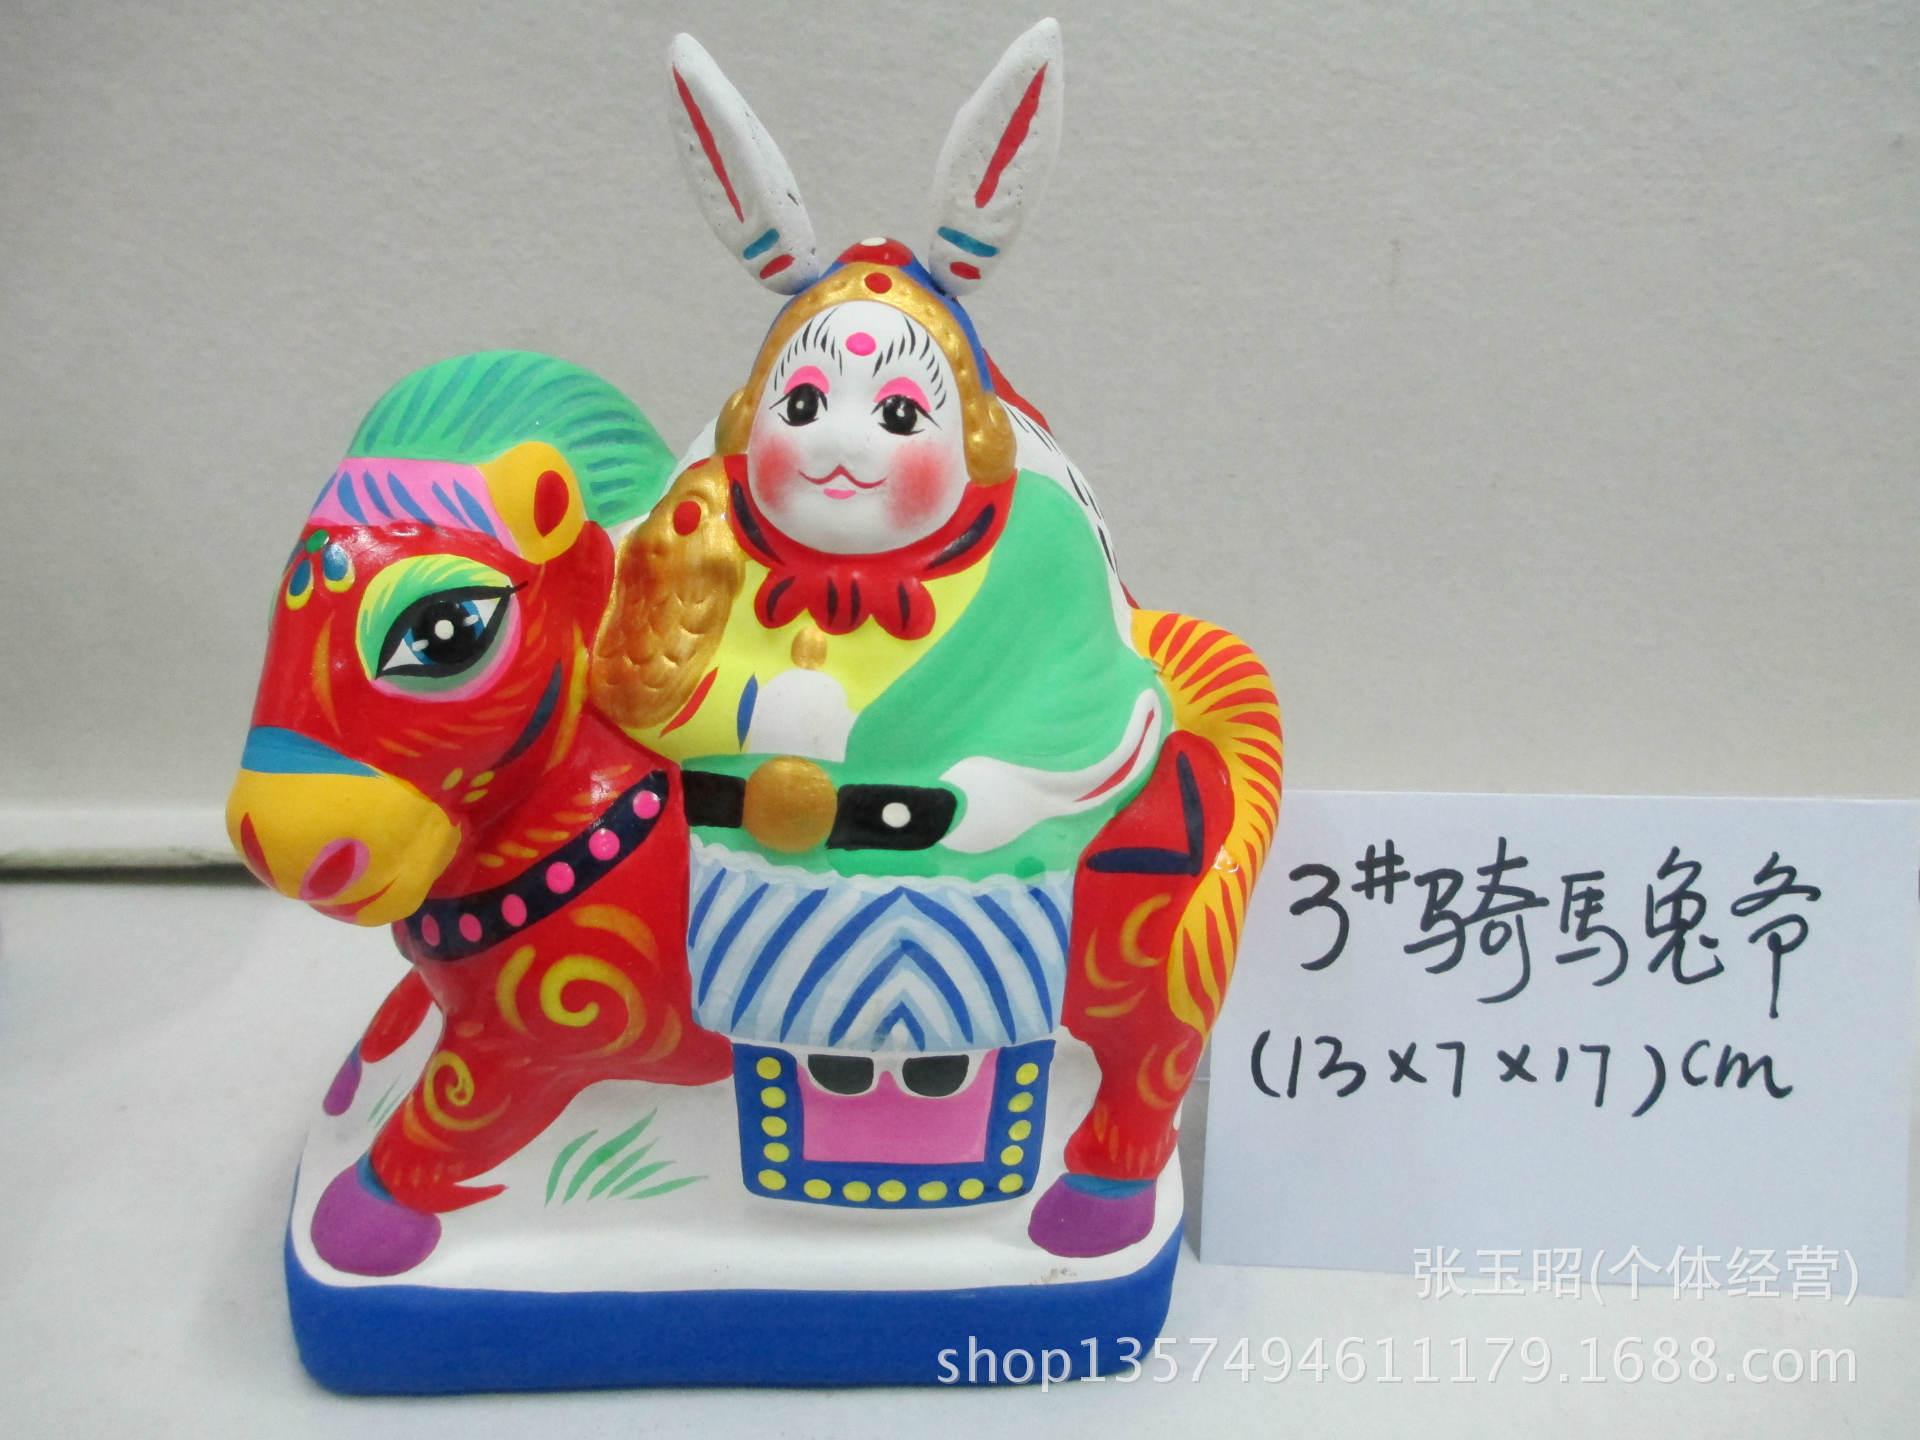 后土民间工艺 批发中外民俗工艺品 泥人类 NT-001-3#骑马兔